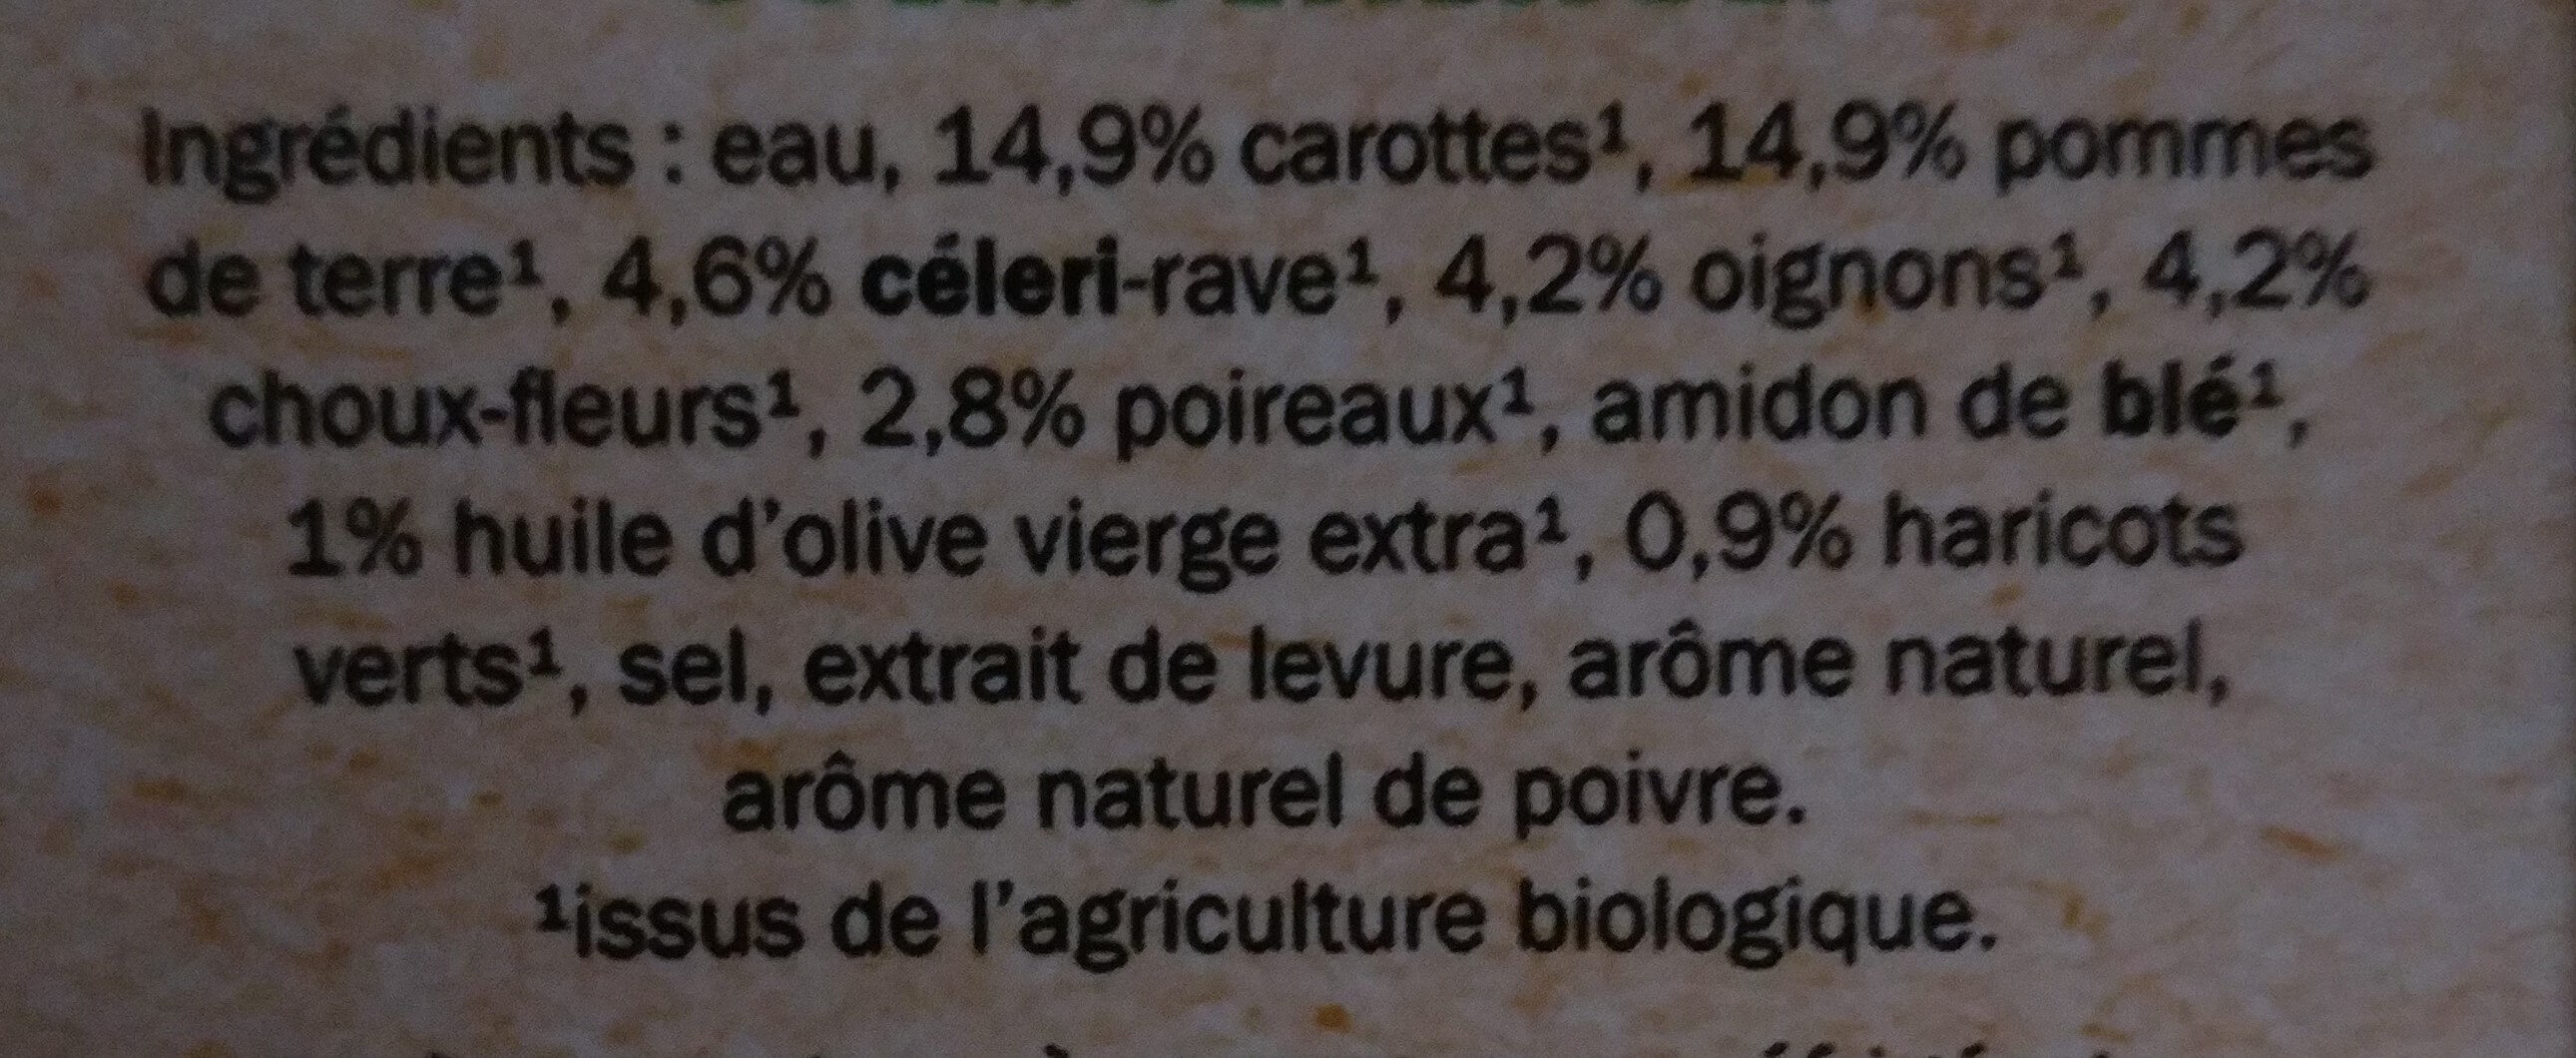 Bio mouliné de 10 légumes - Ingrédients